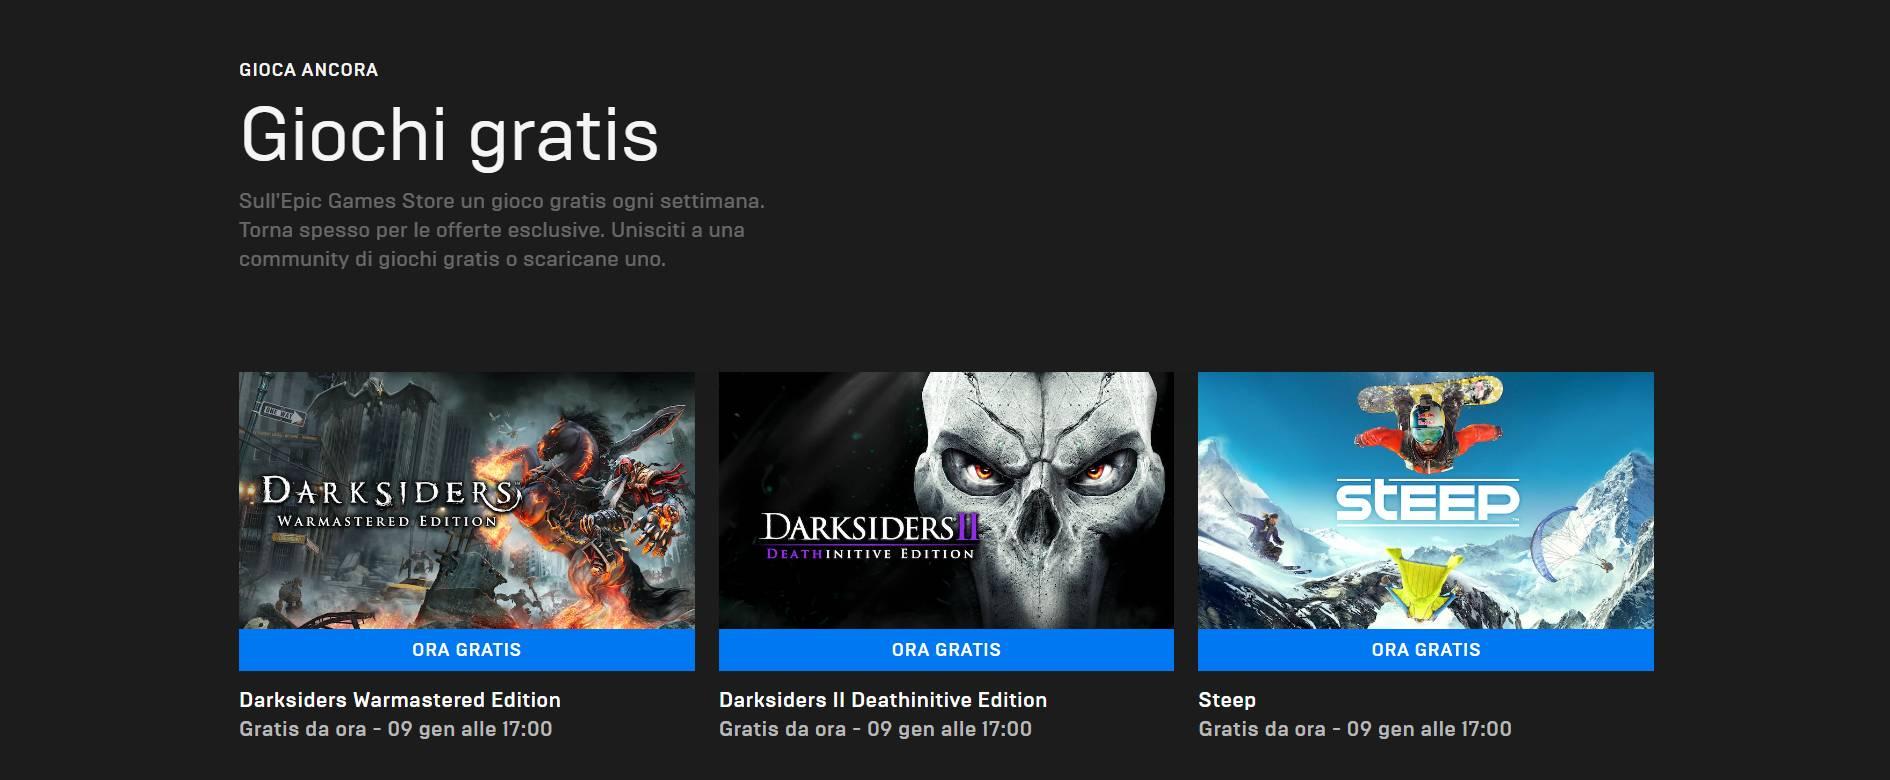 Epic Games Store giochi gratis gennaio 2020